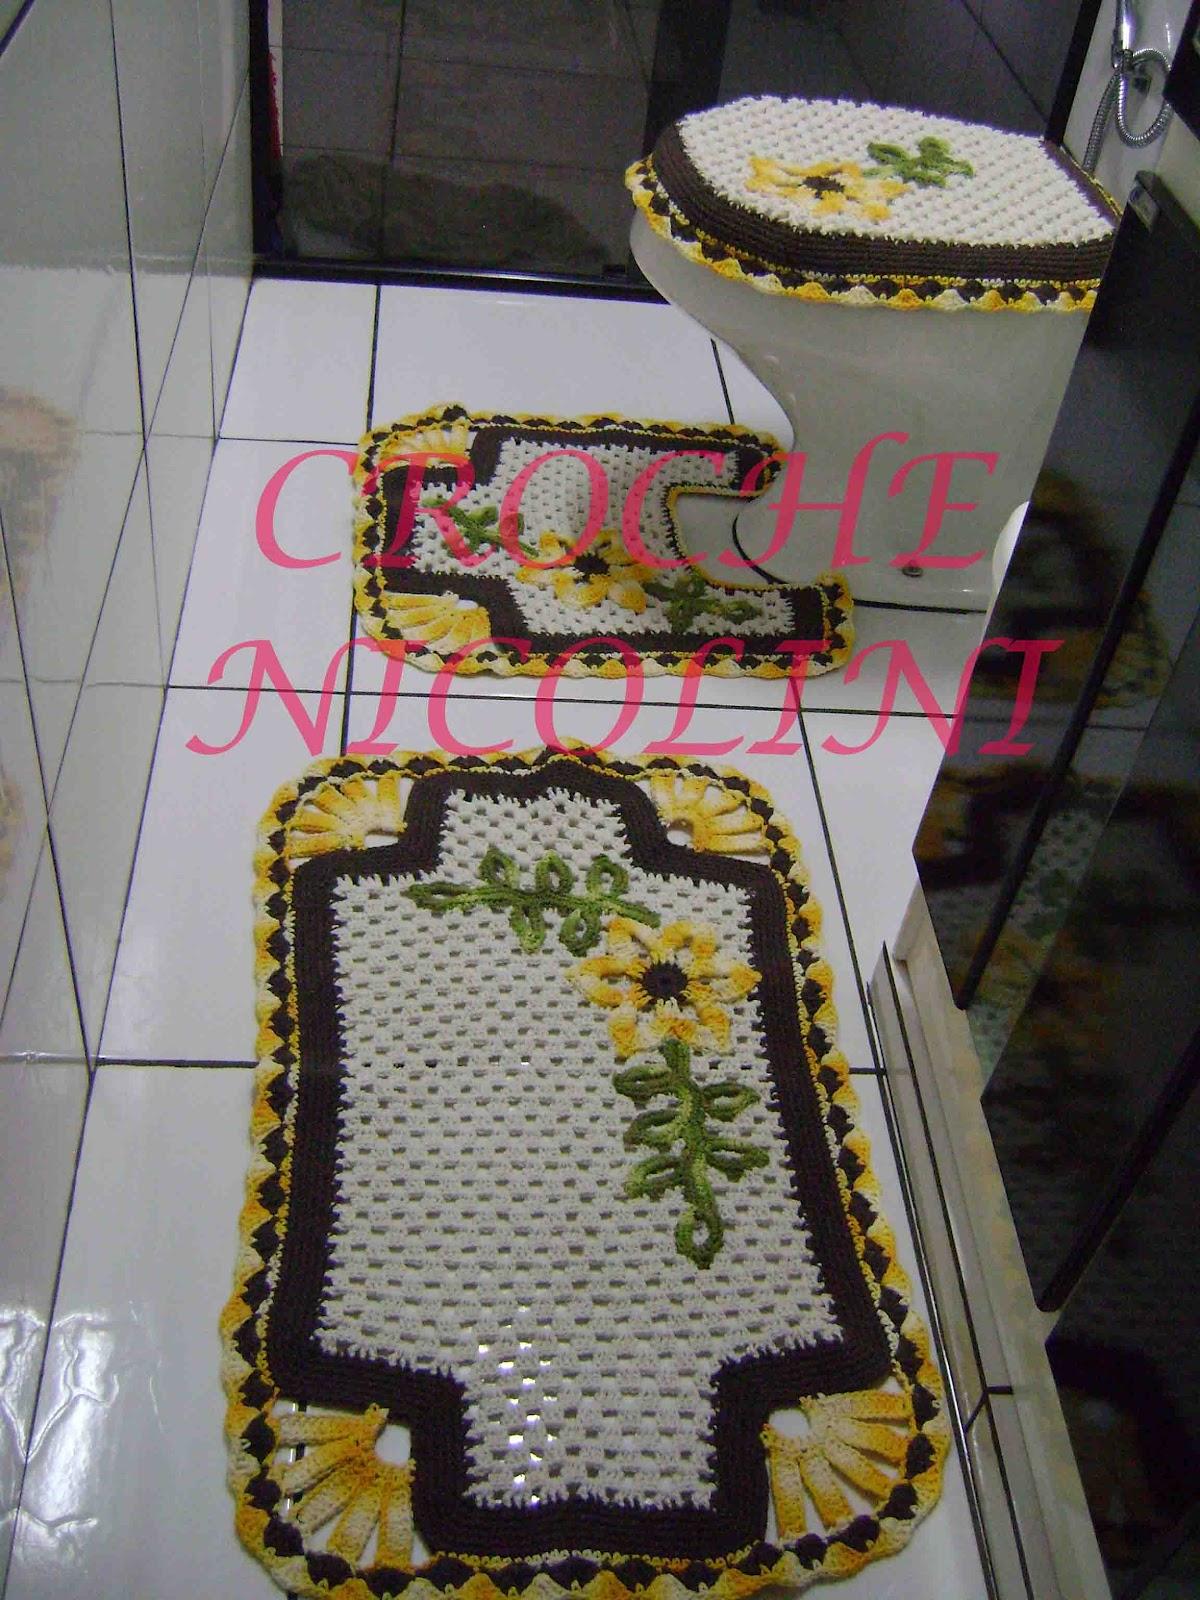 Juegos De Baño Regina: de baño corchea juegos baño baño lindo cama conjunto modelos 5